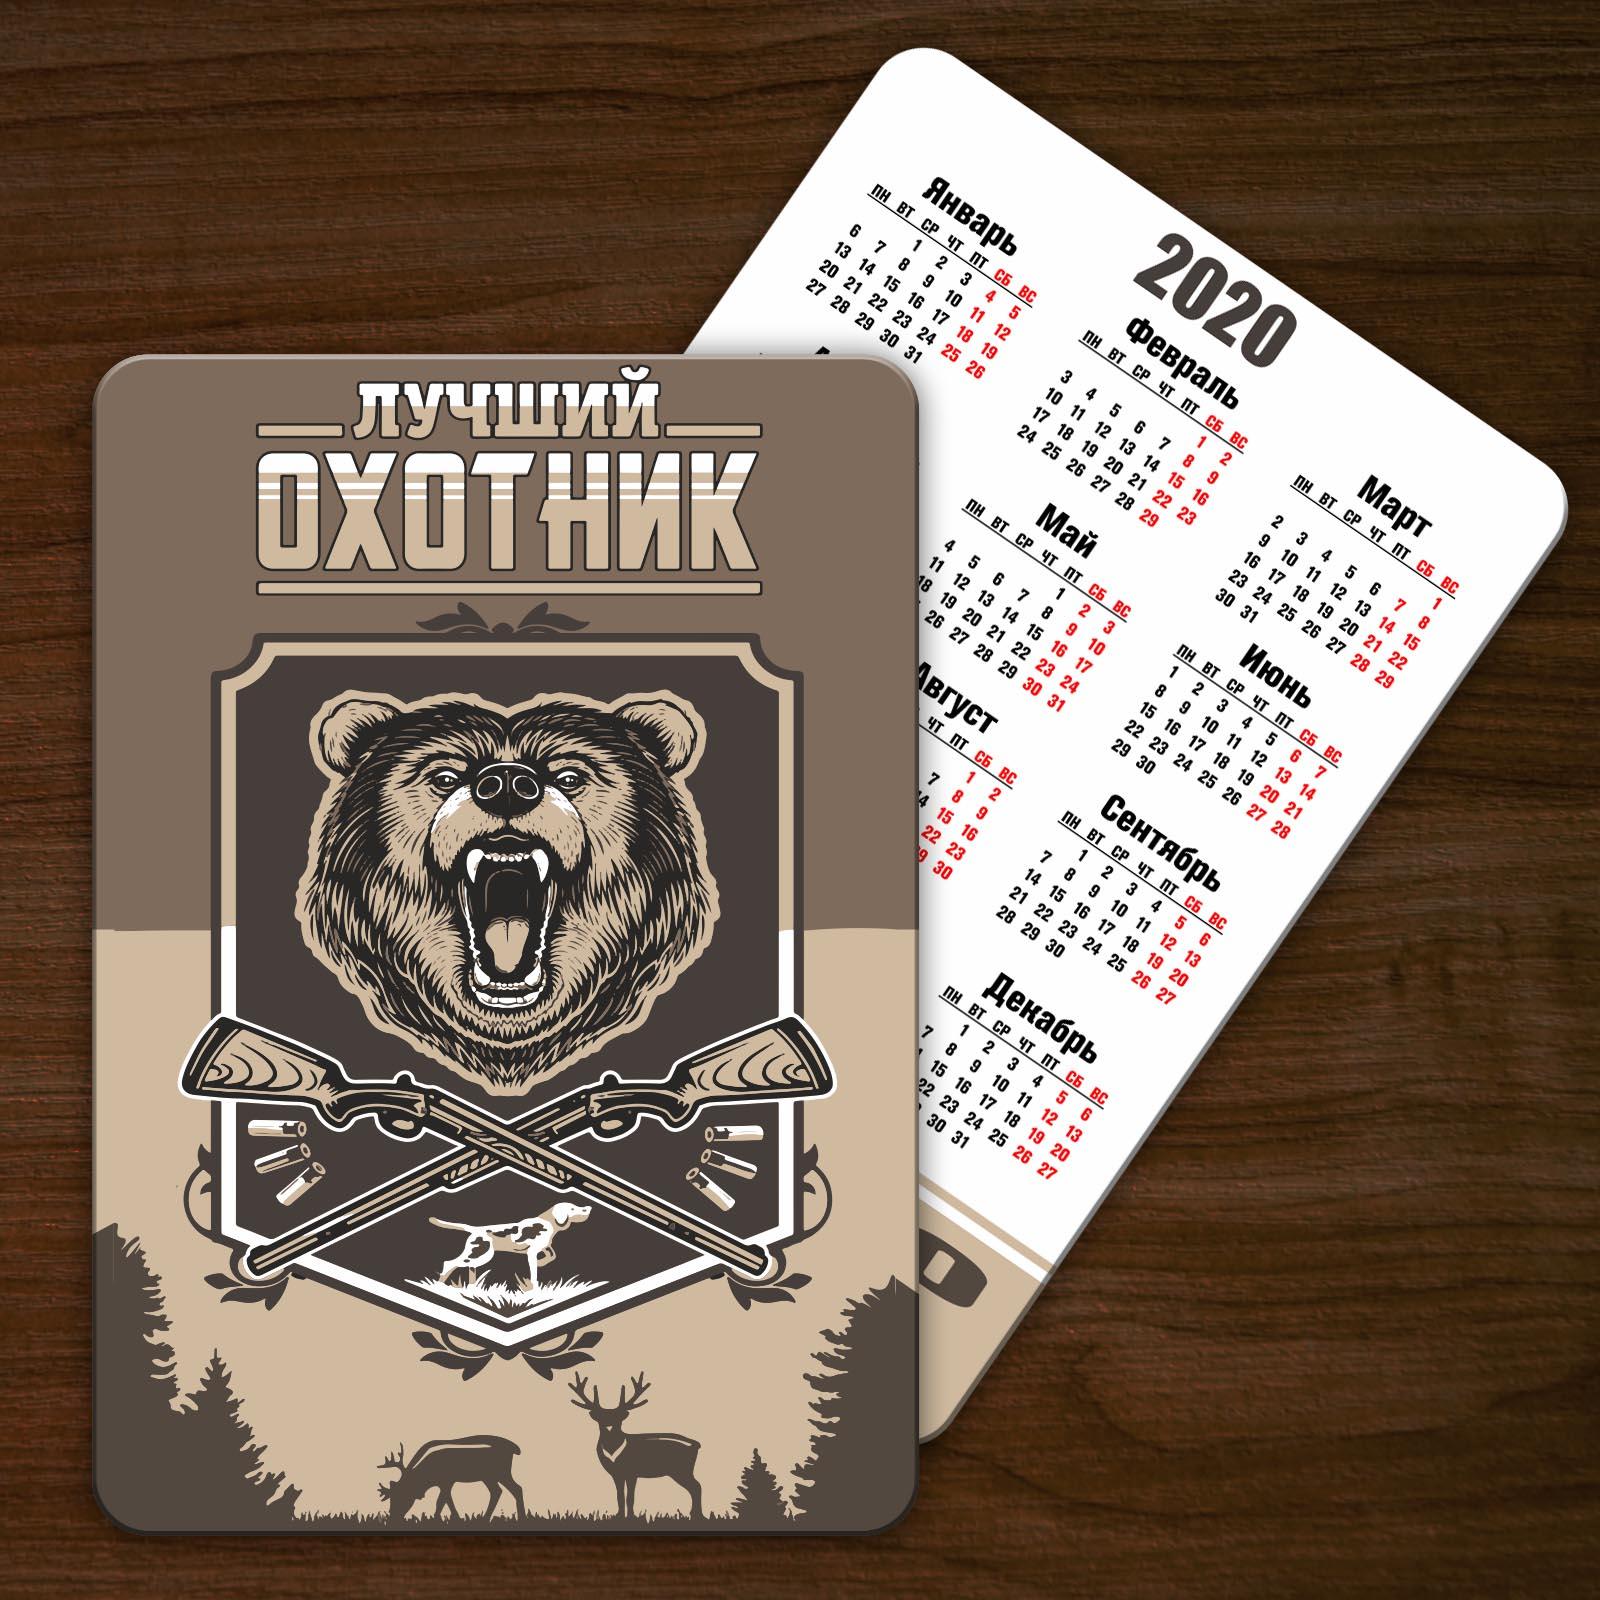 Стандартный календарик Лучший охотник на 2020 год